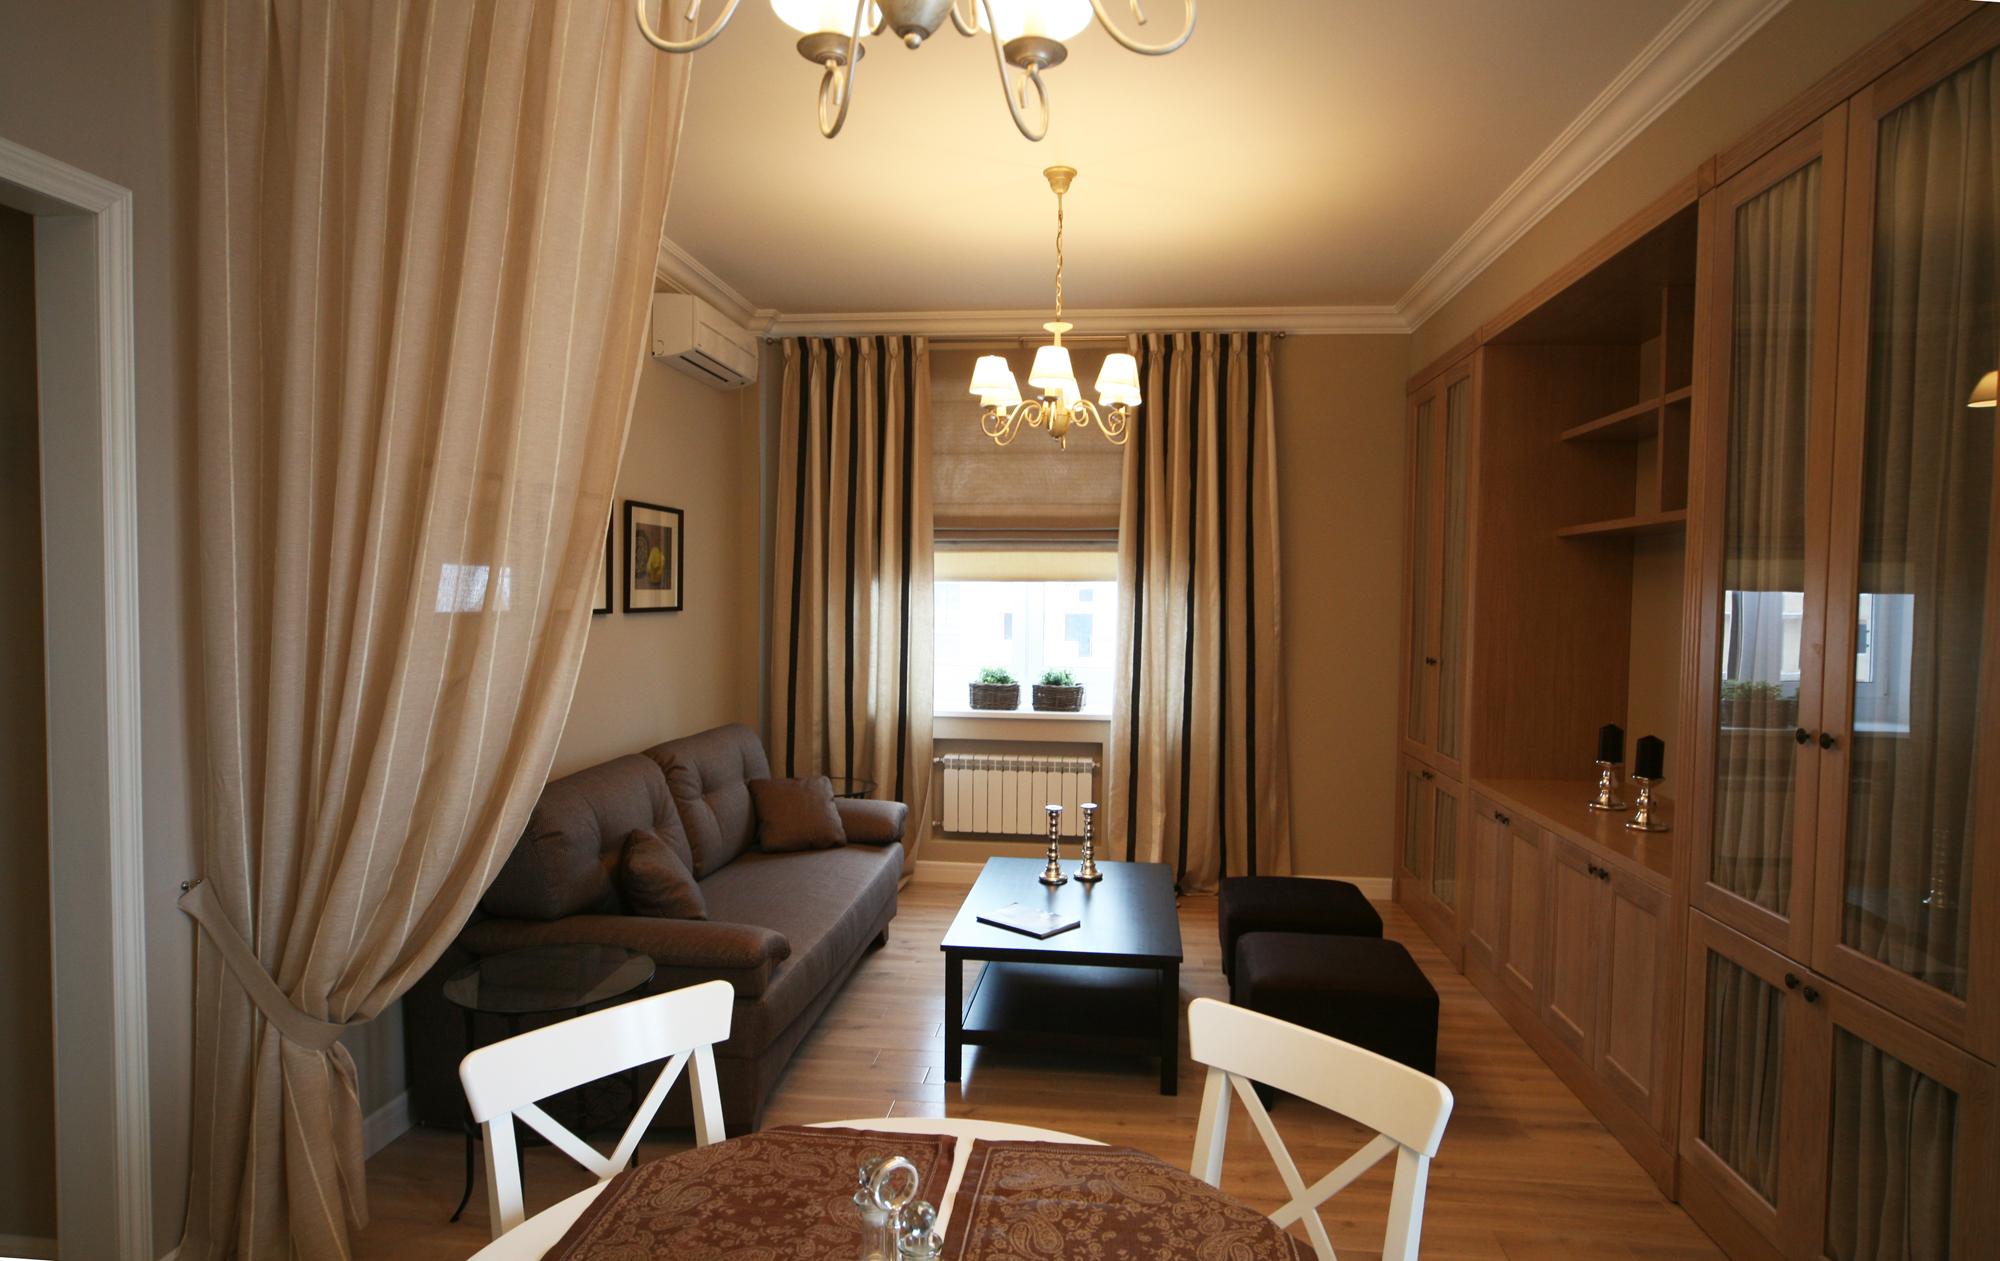 Дизайн гостиной в хрущевке: оформление, зонирование (45 фото.